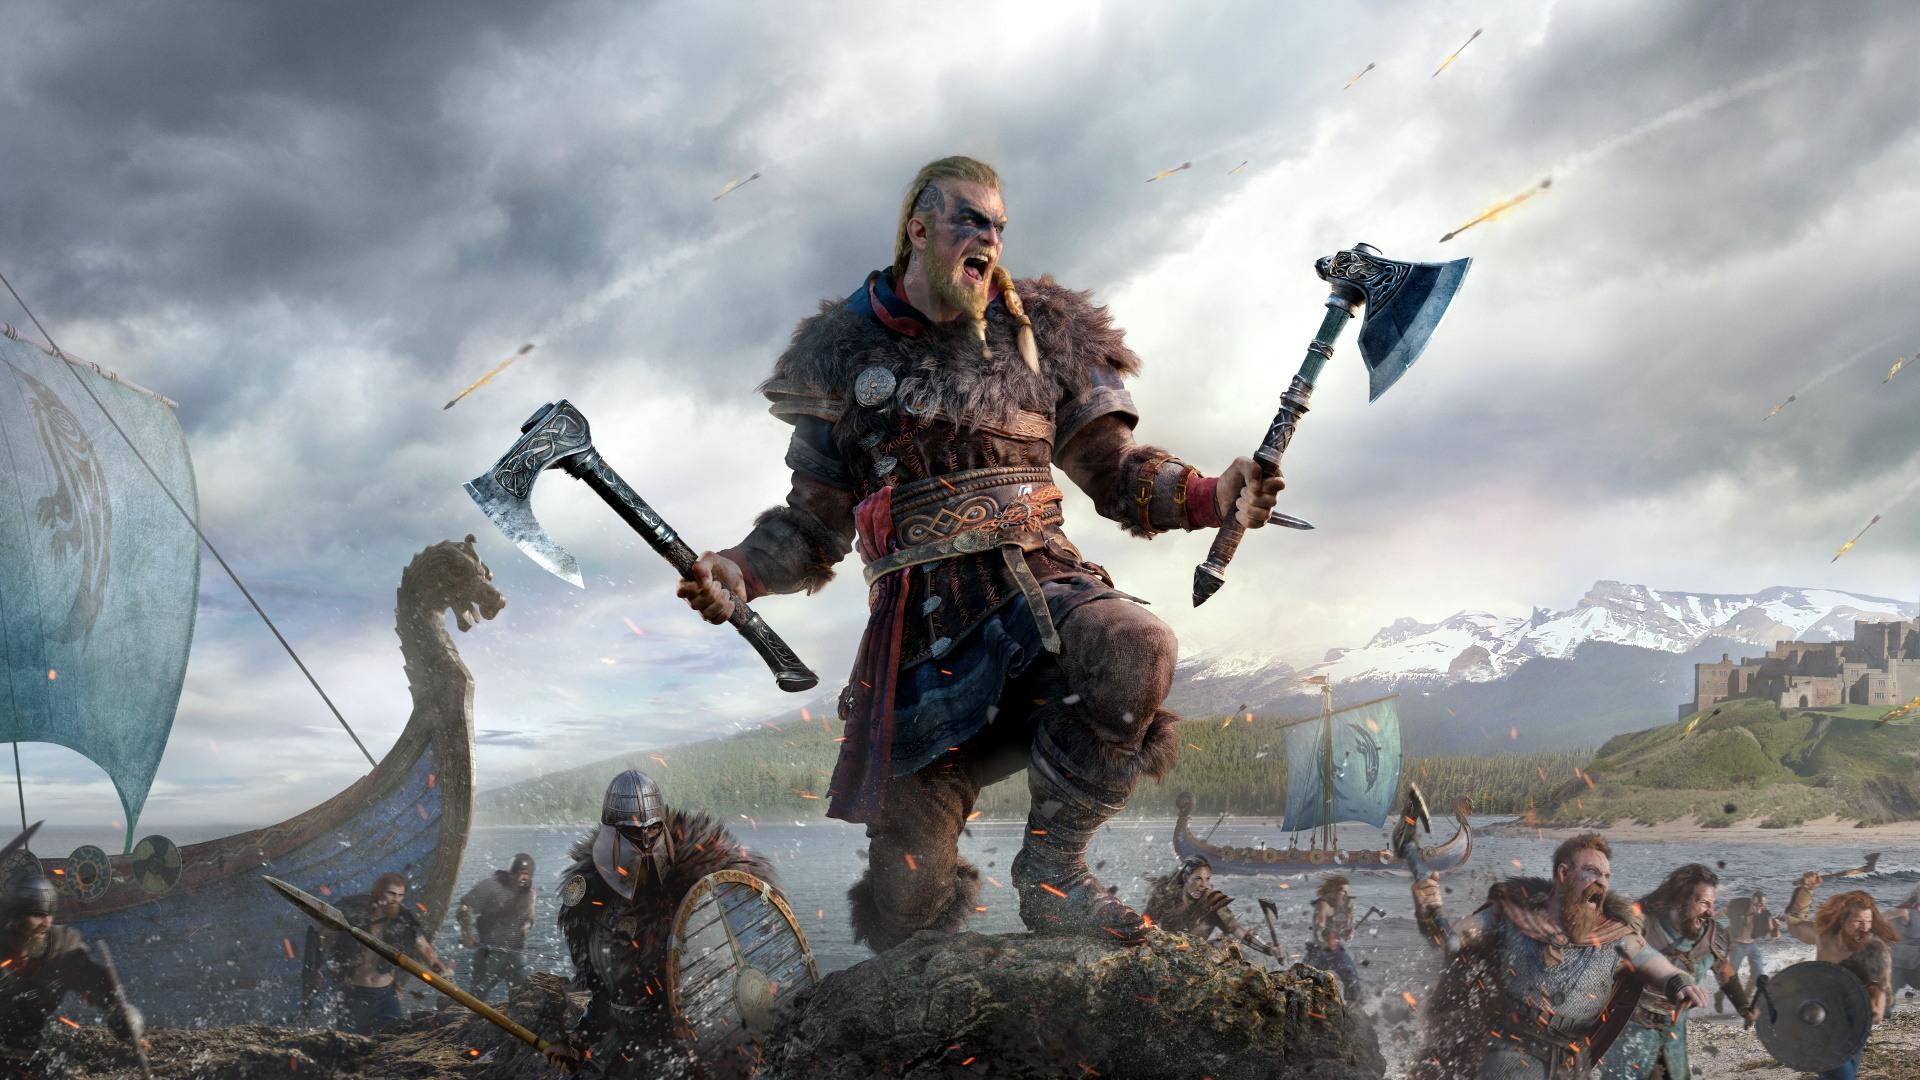 Assassins Creed Valhalla XP Boosters Beowulf Ubisoft Next-Gen Price Ubisoft PS5 Xbox Series X Neels Van Den Berg Prima Interactive PS5 Xbox Series X